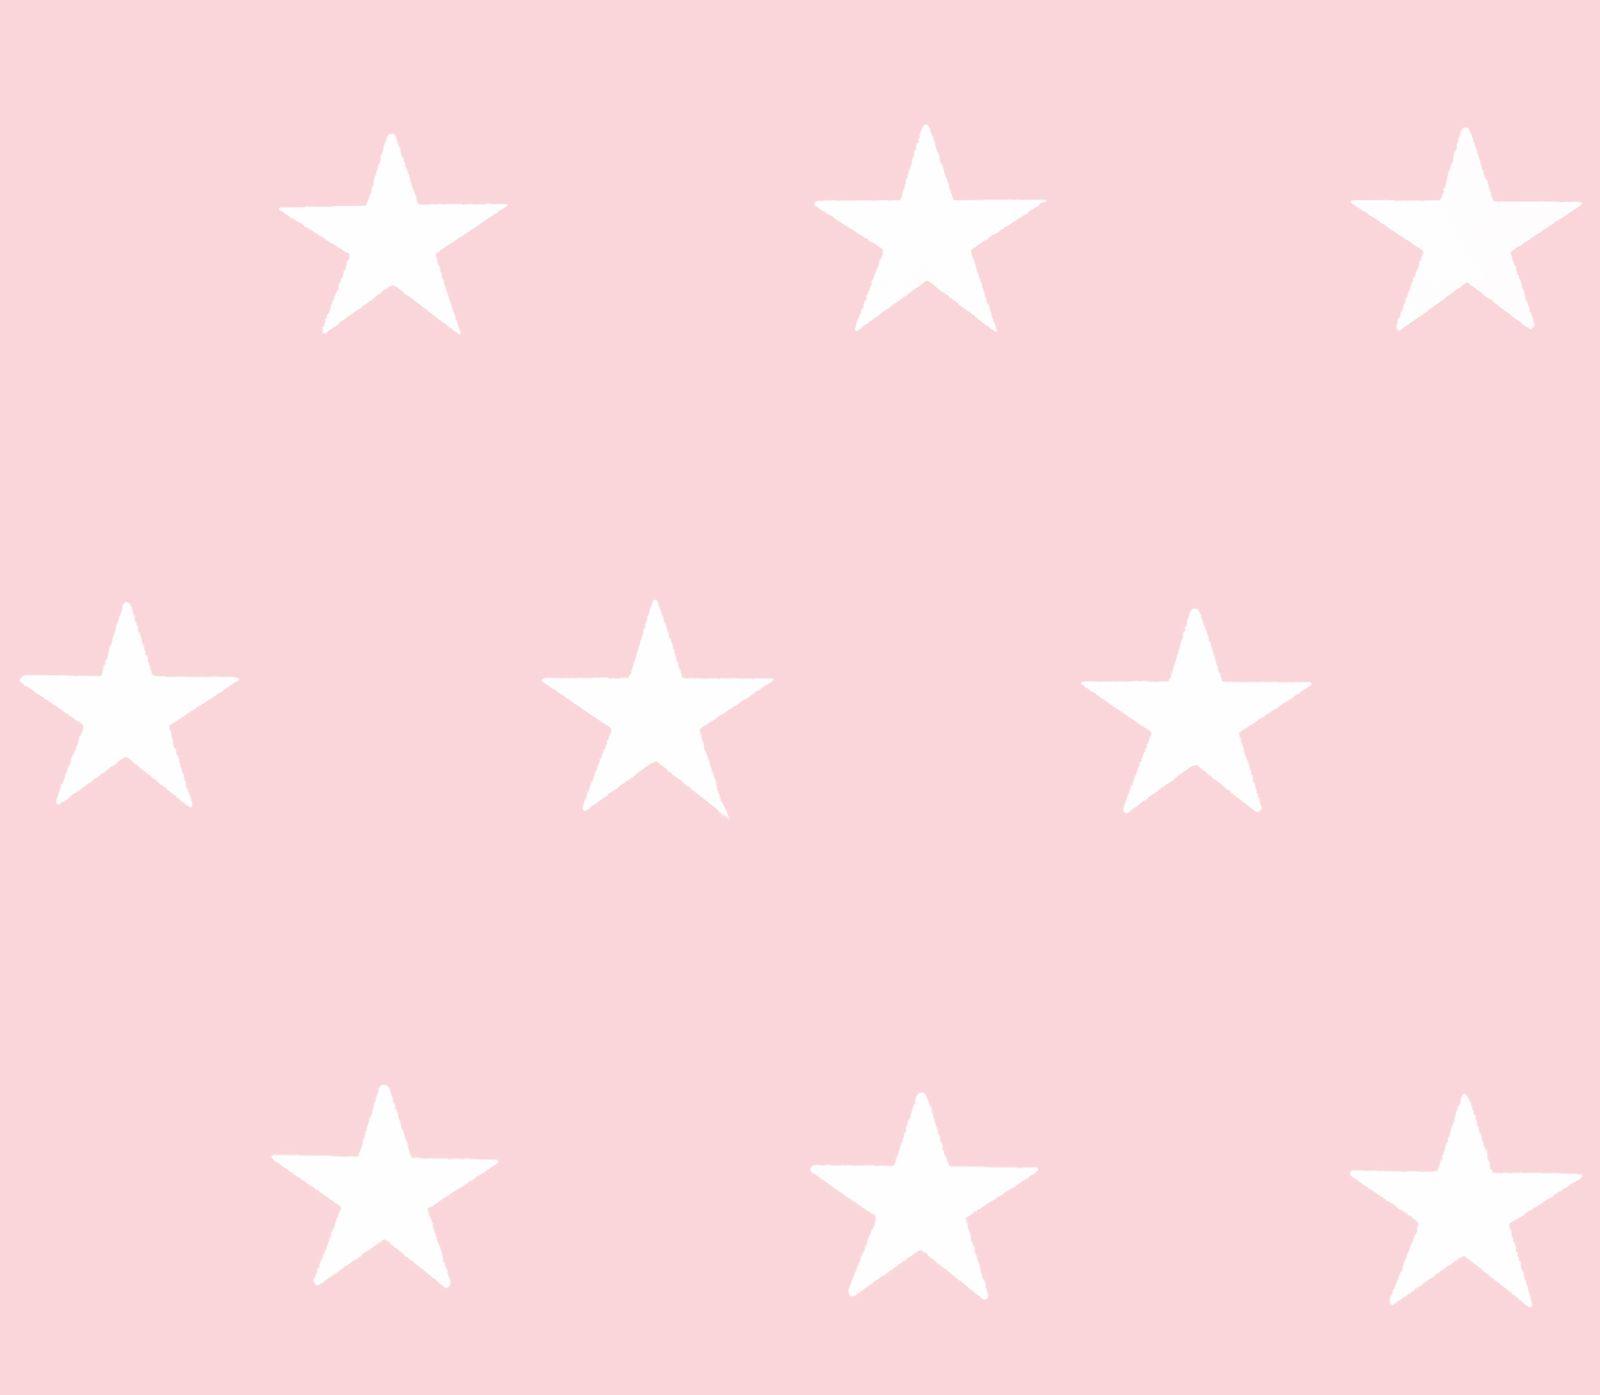 Tapete Vlies Homefactori Sterne Rosa Weis Glanz